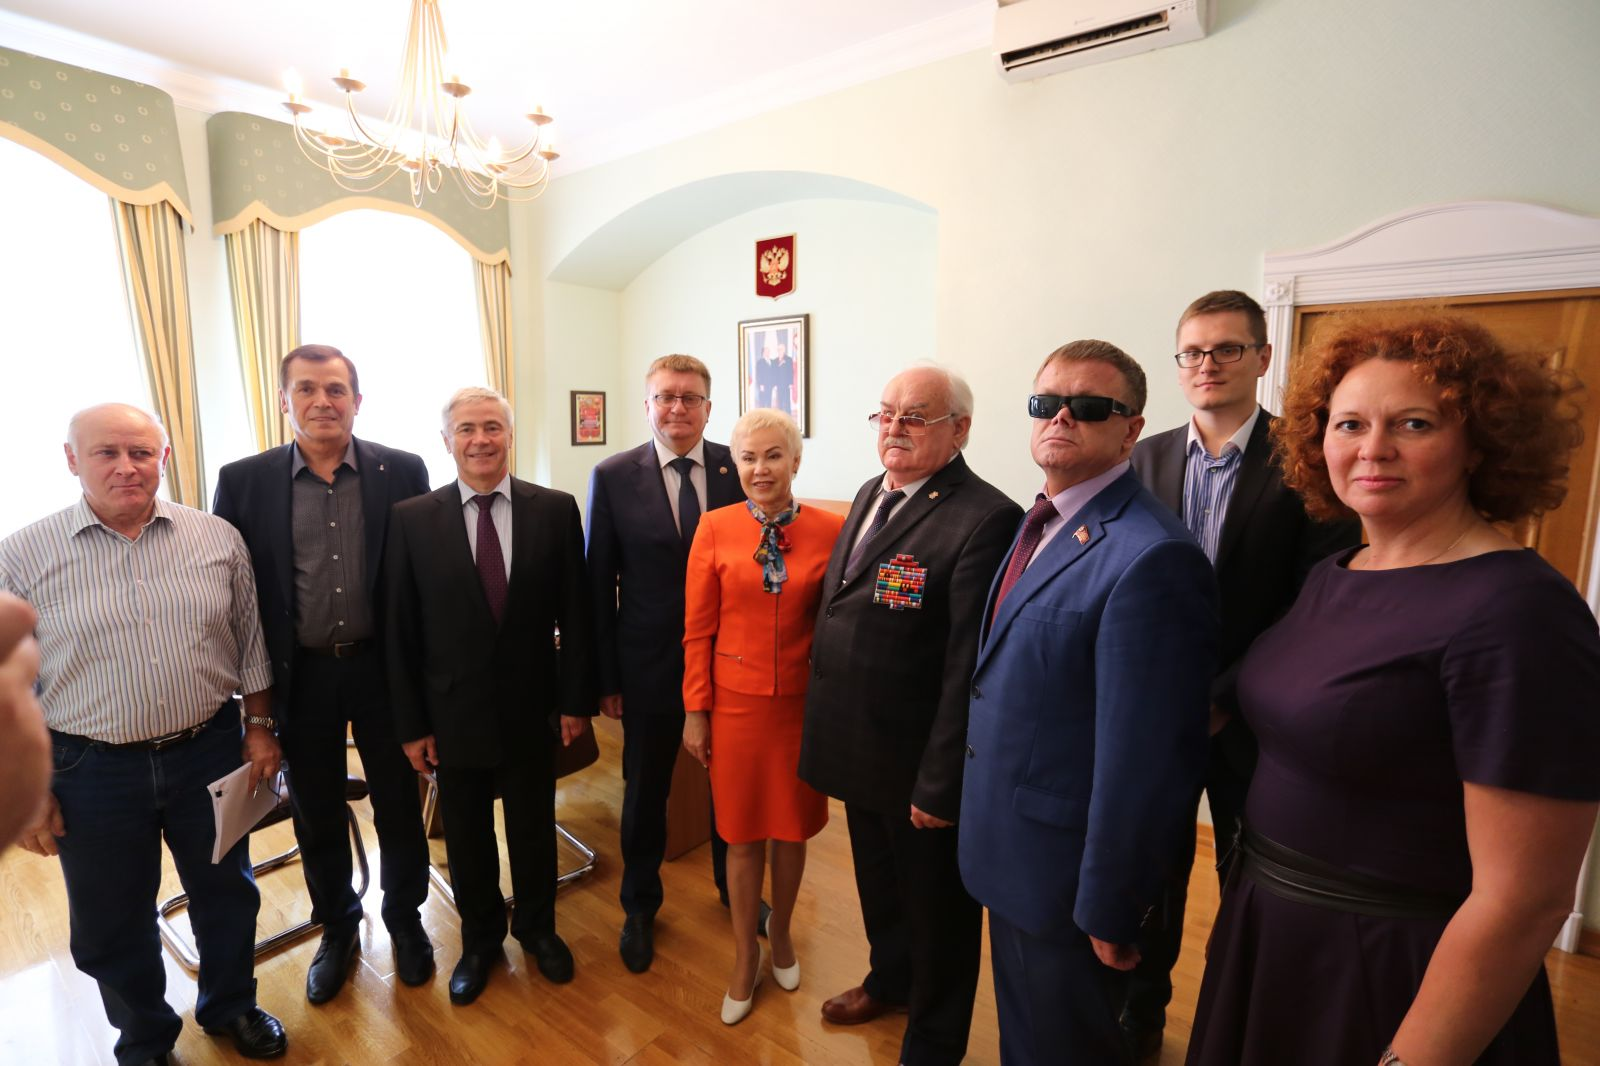 Чемпионы и призеры Паралимпийских игр, чемпионатов мира и Европы встретились с руководителями ПКР и ВОС по вопросам развития спорта слепых в России